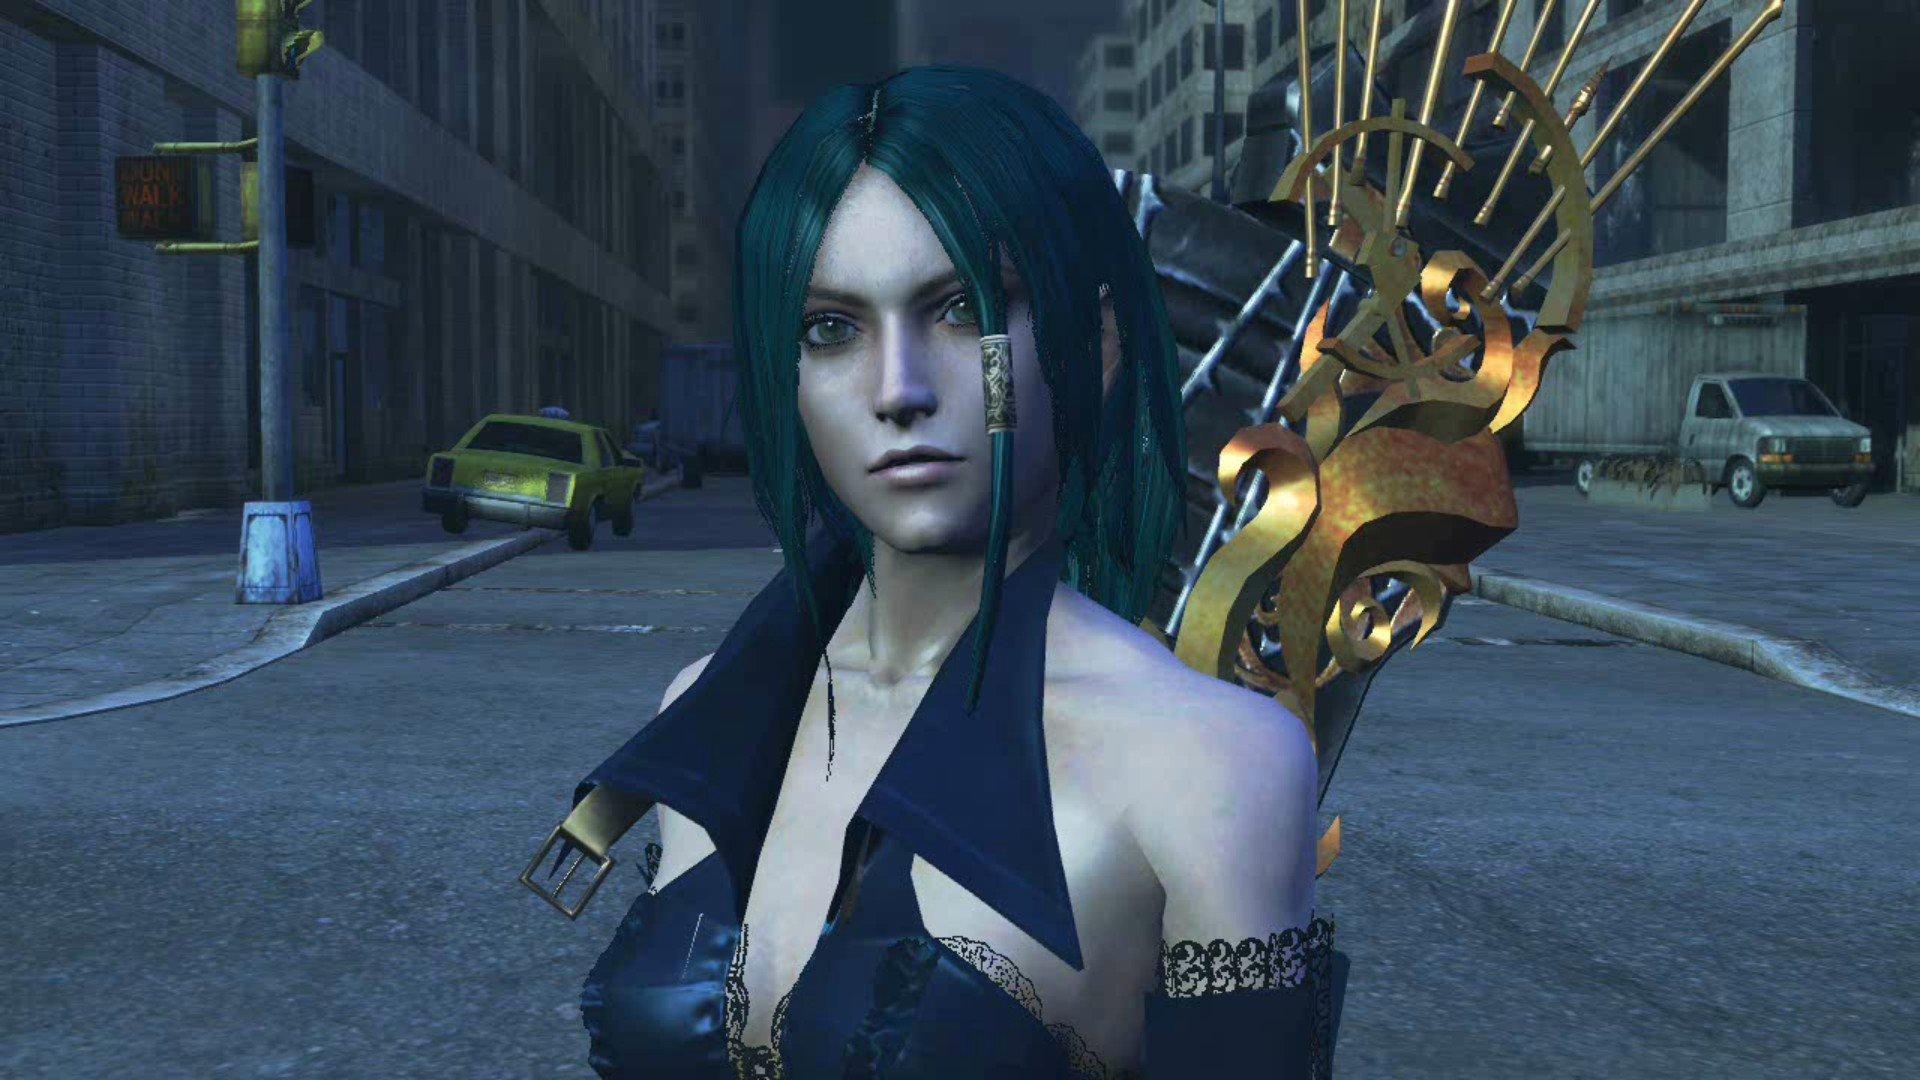 bullet-witch-llegara1-a-pc-el-25-de-abril-frikigamers.com